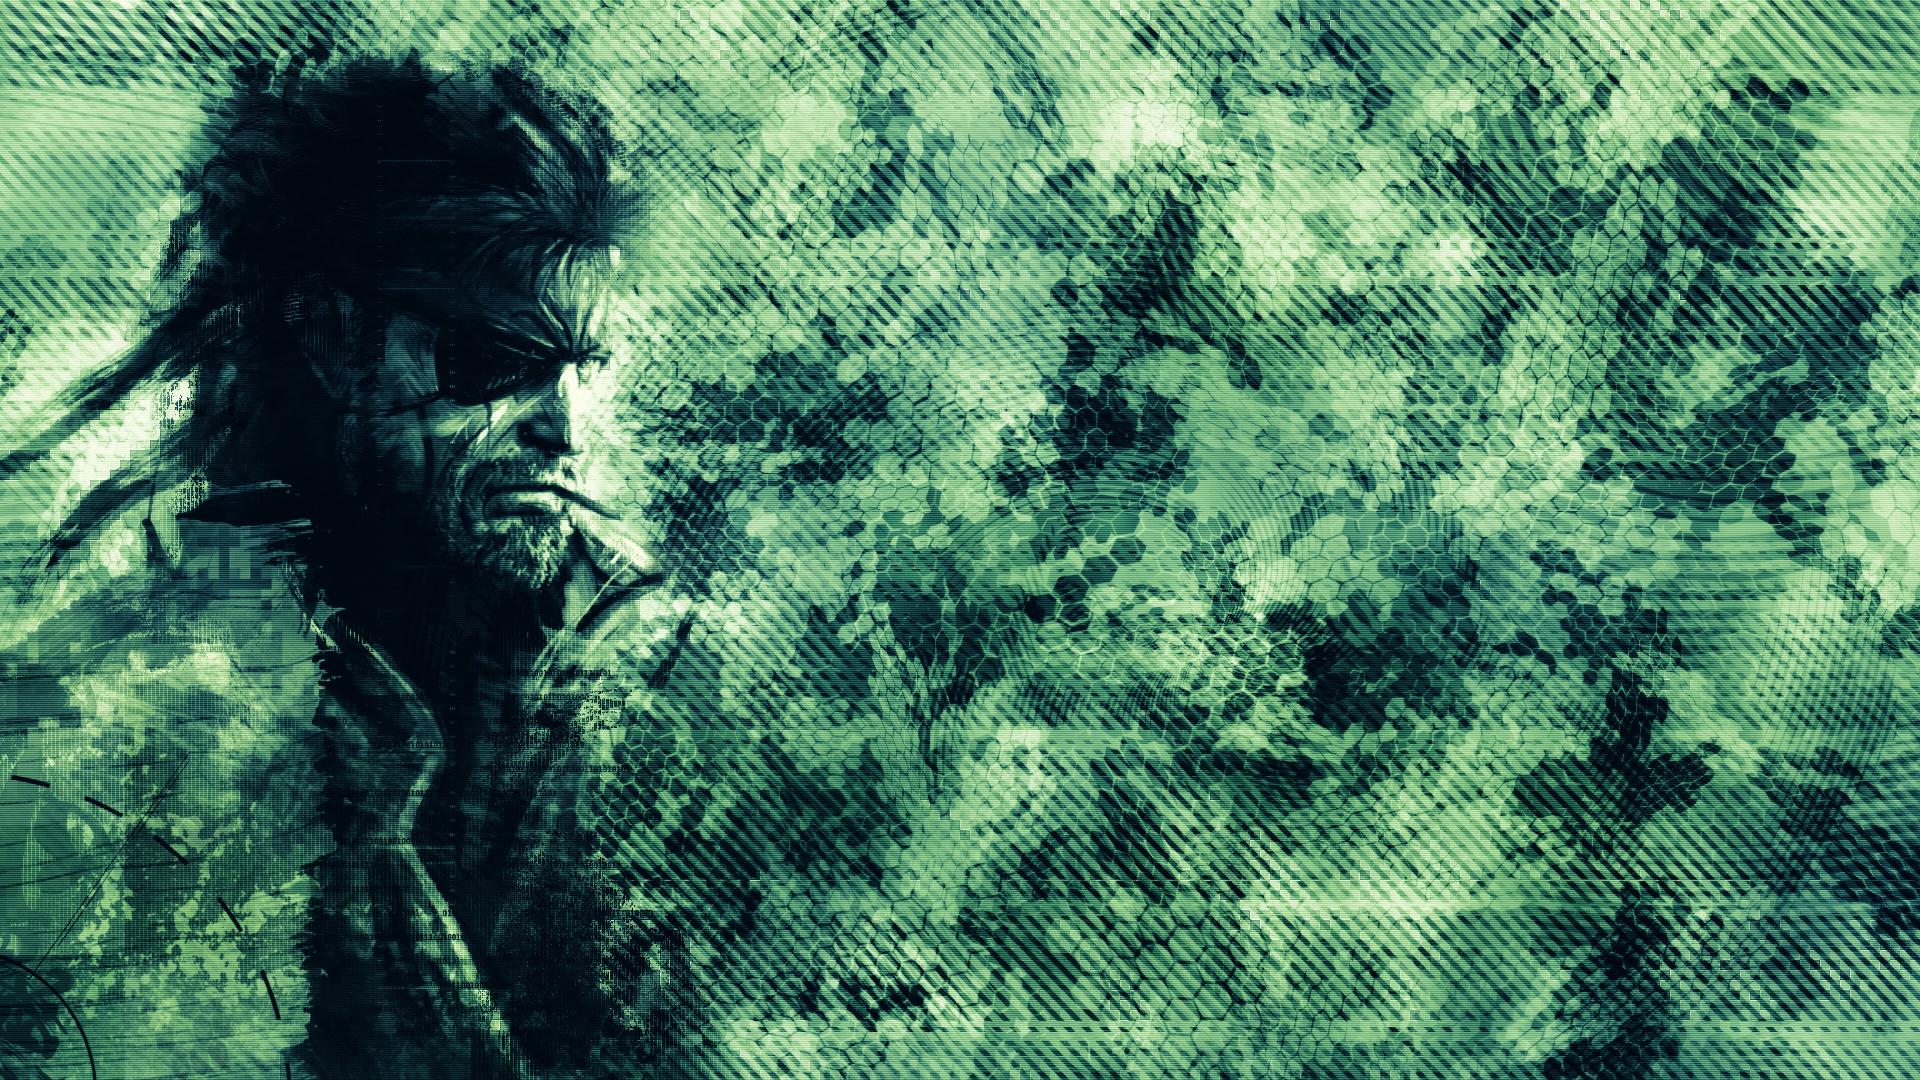 Full Screen Desktop Fall Wallpaper Free Download Camouflage Wallpapers Pixelstalk Net